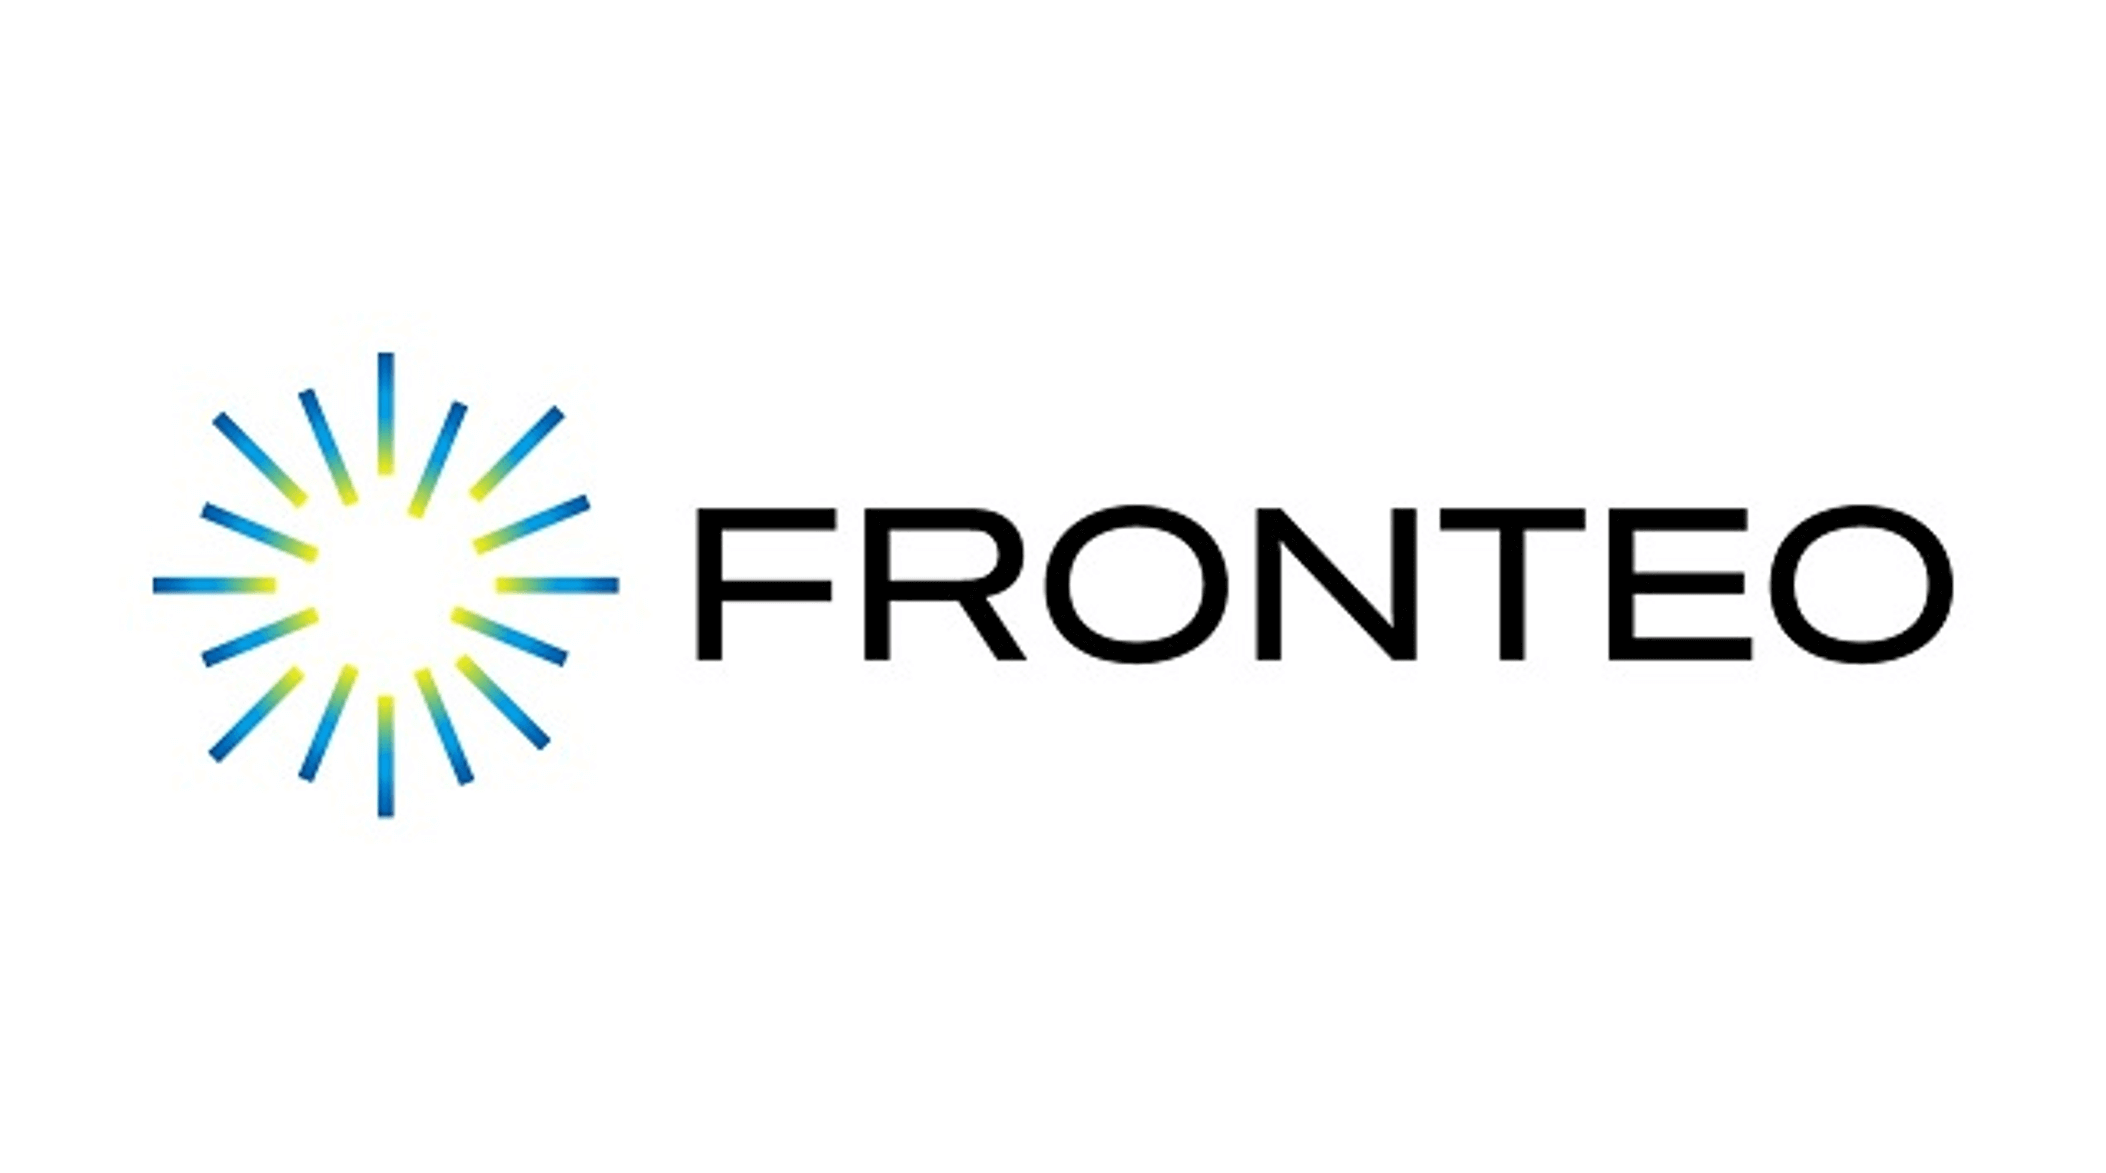 株式会社FRONTEOの決算/売上/経常利益を調べ、IR情報を徹底調査